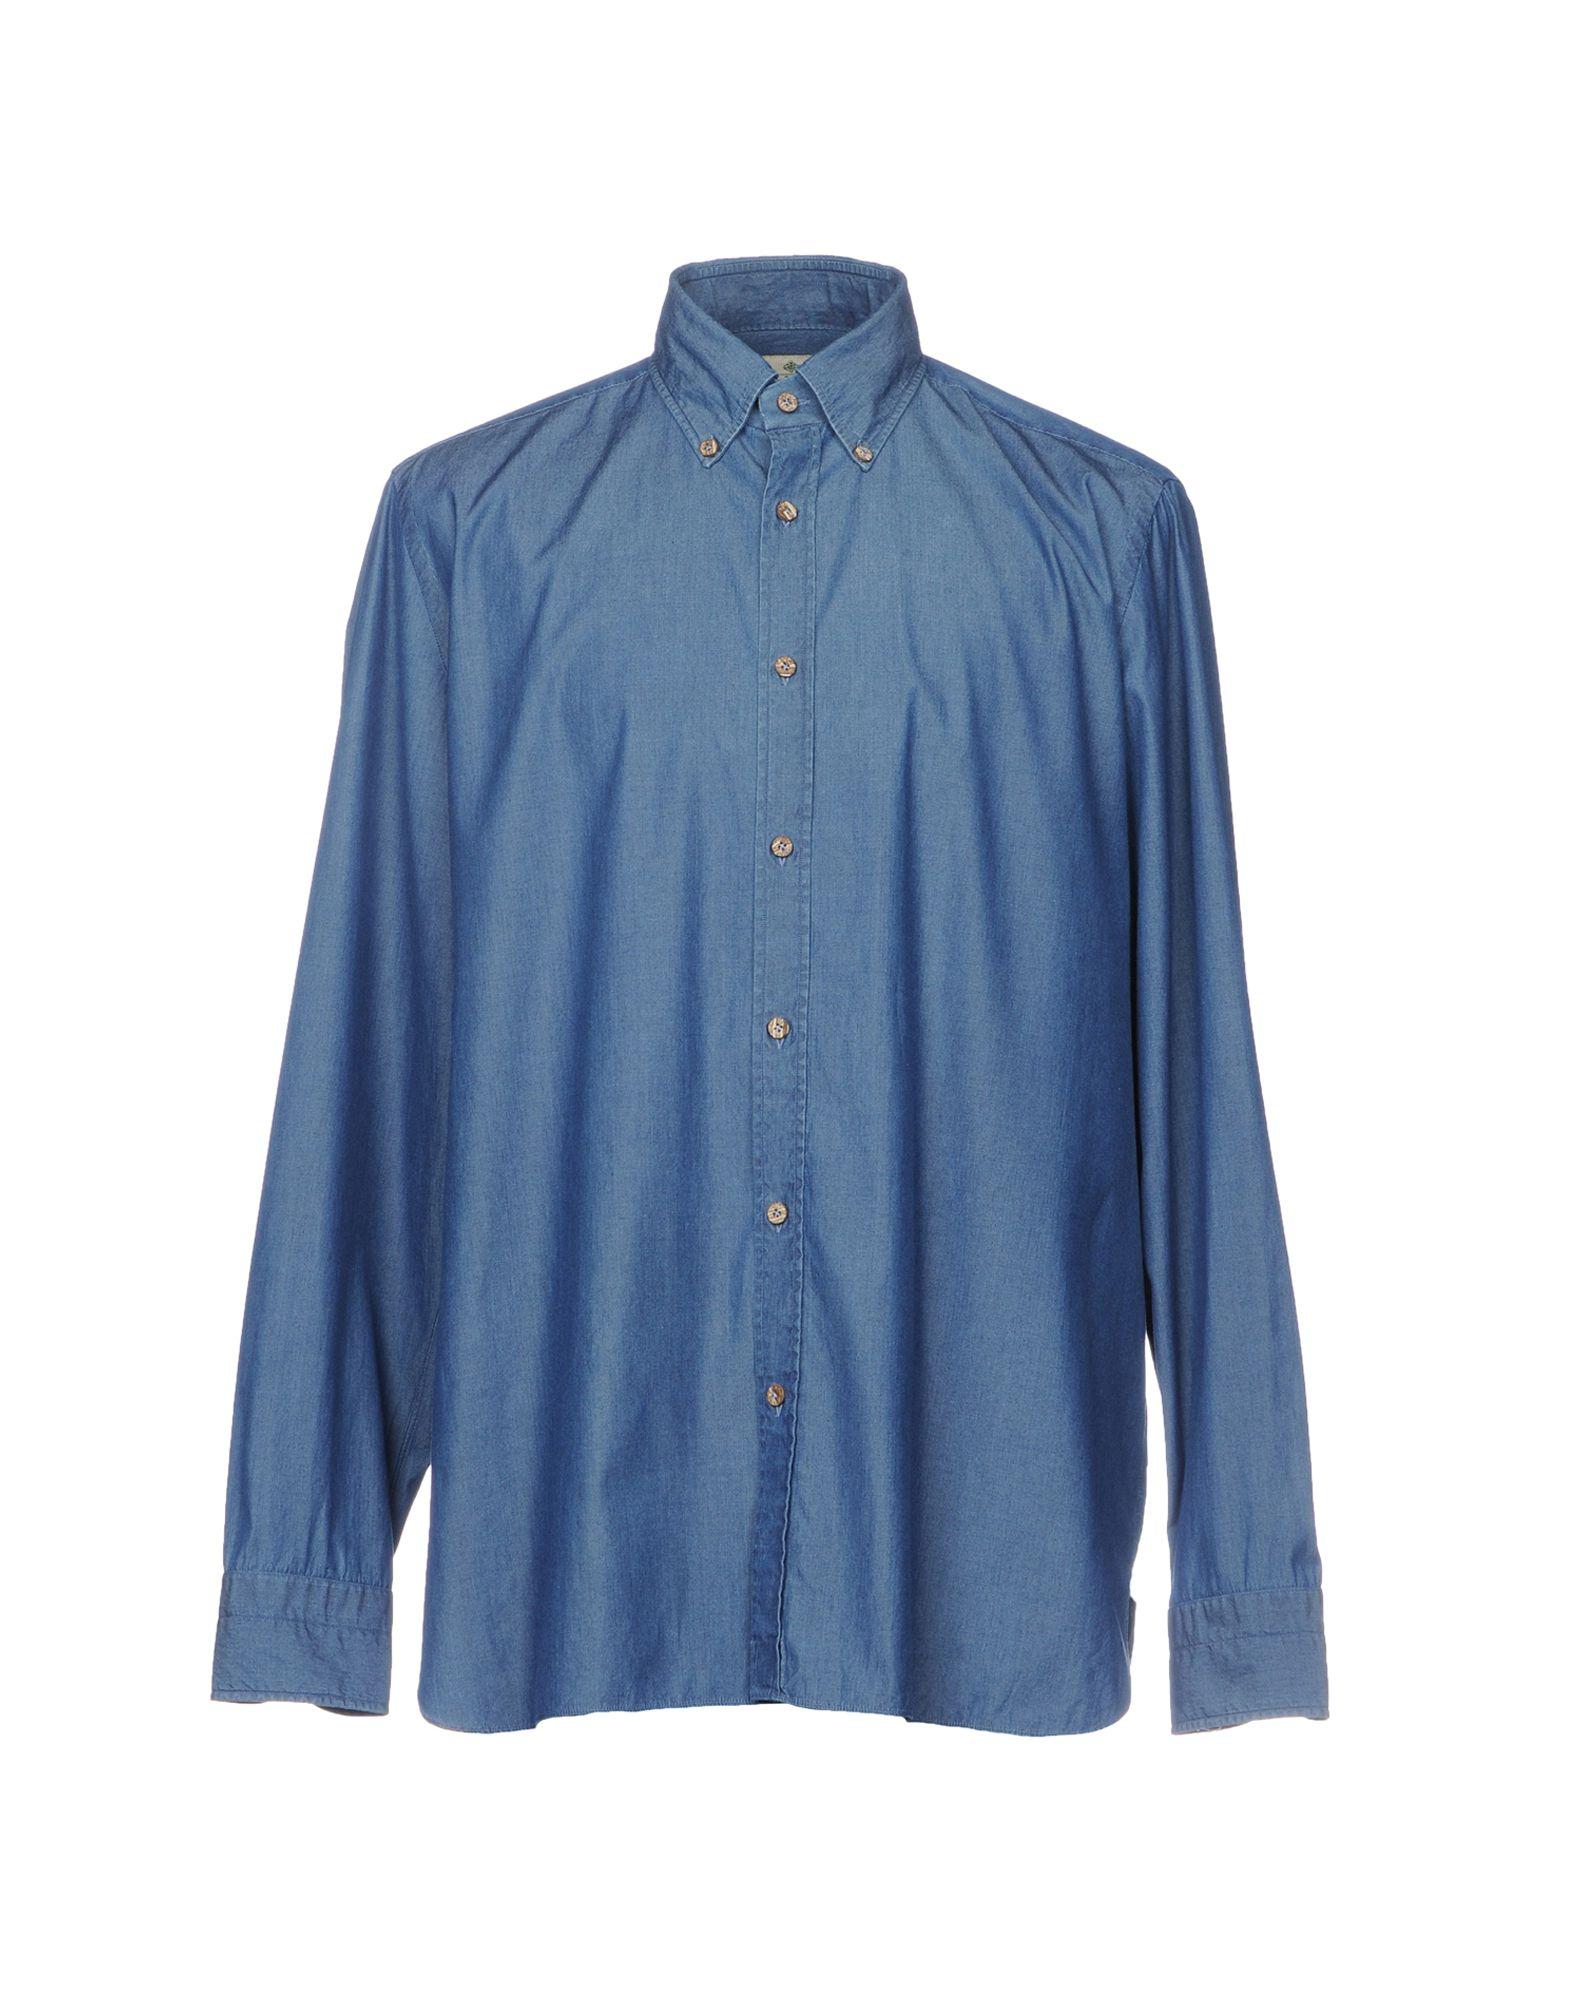 Camicia Jeans Luigi Borrelli Napoli Uomo - Acquista online su